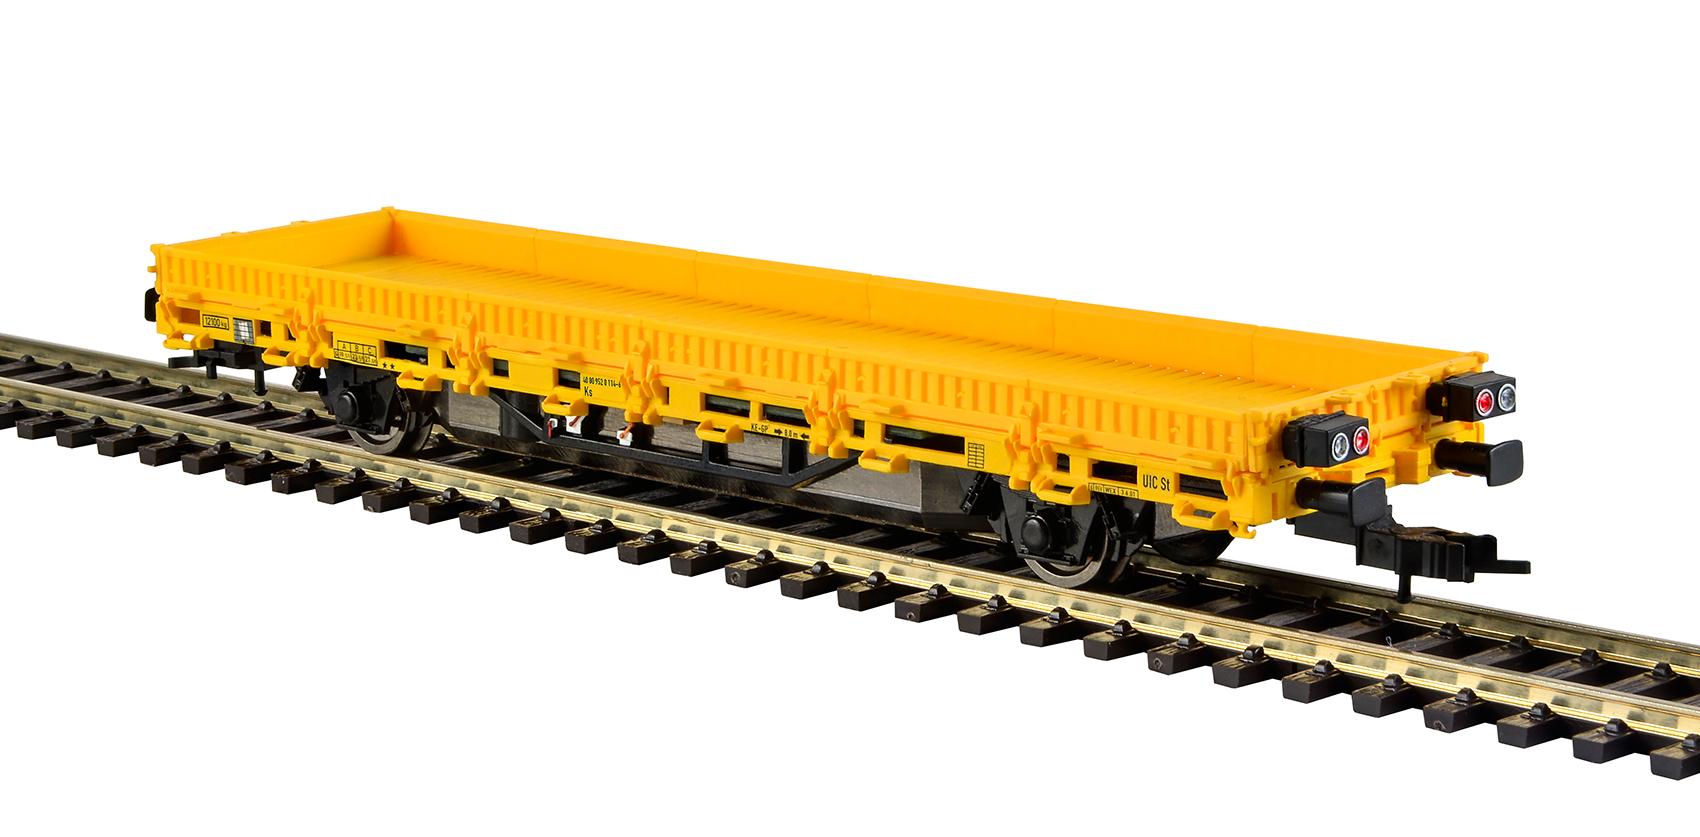 Viessmann 2315 <br/>Niederbordwagen mit Antrieb, gelb, Funktionsmodell für Zweileitersysteme 2